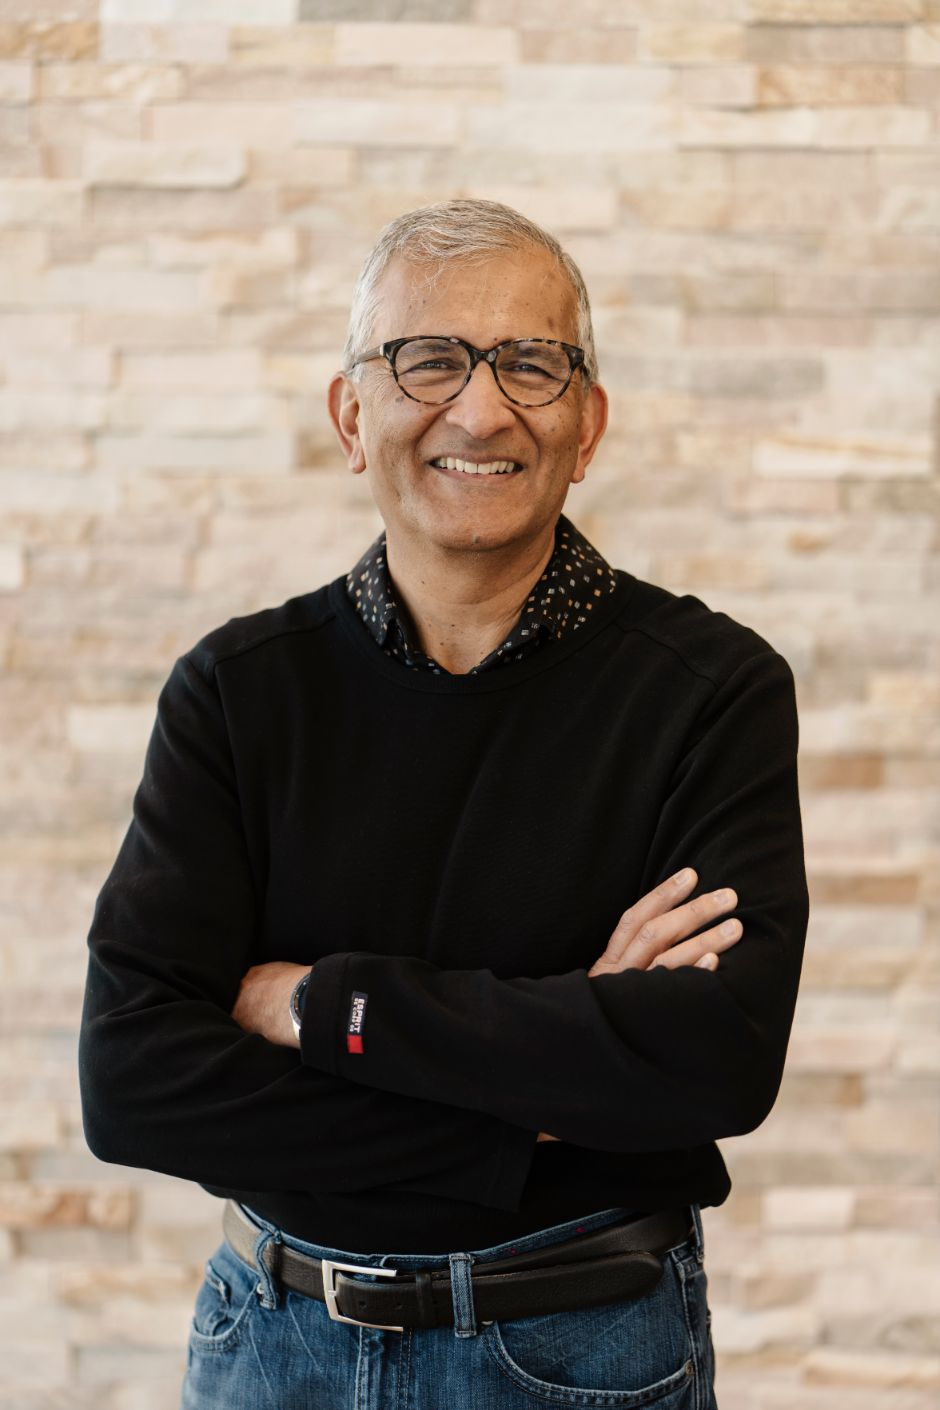 Dr. Shamshudin Kherani